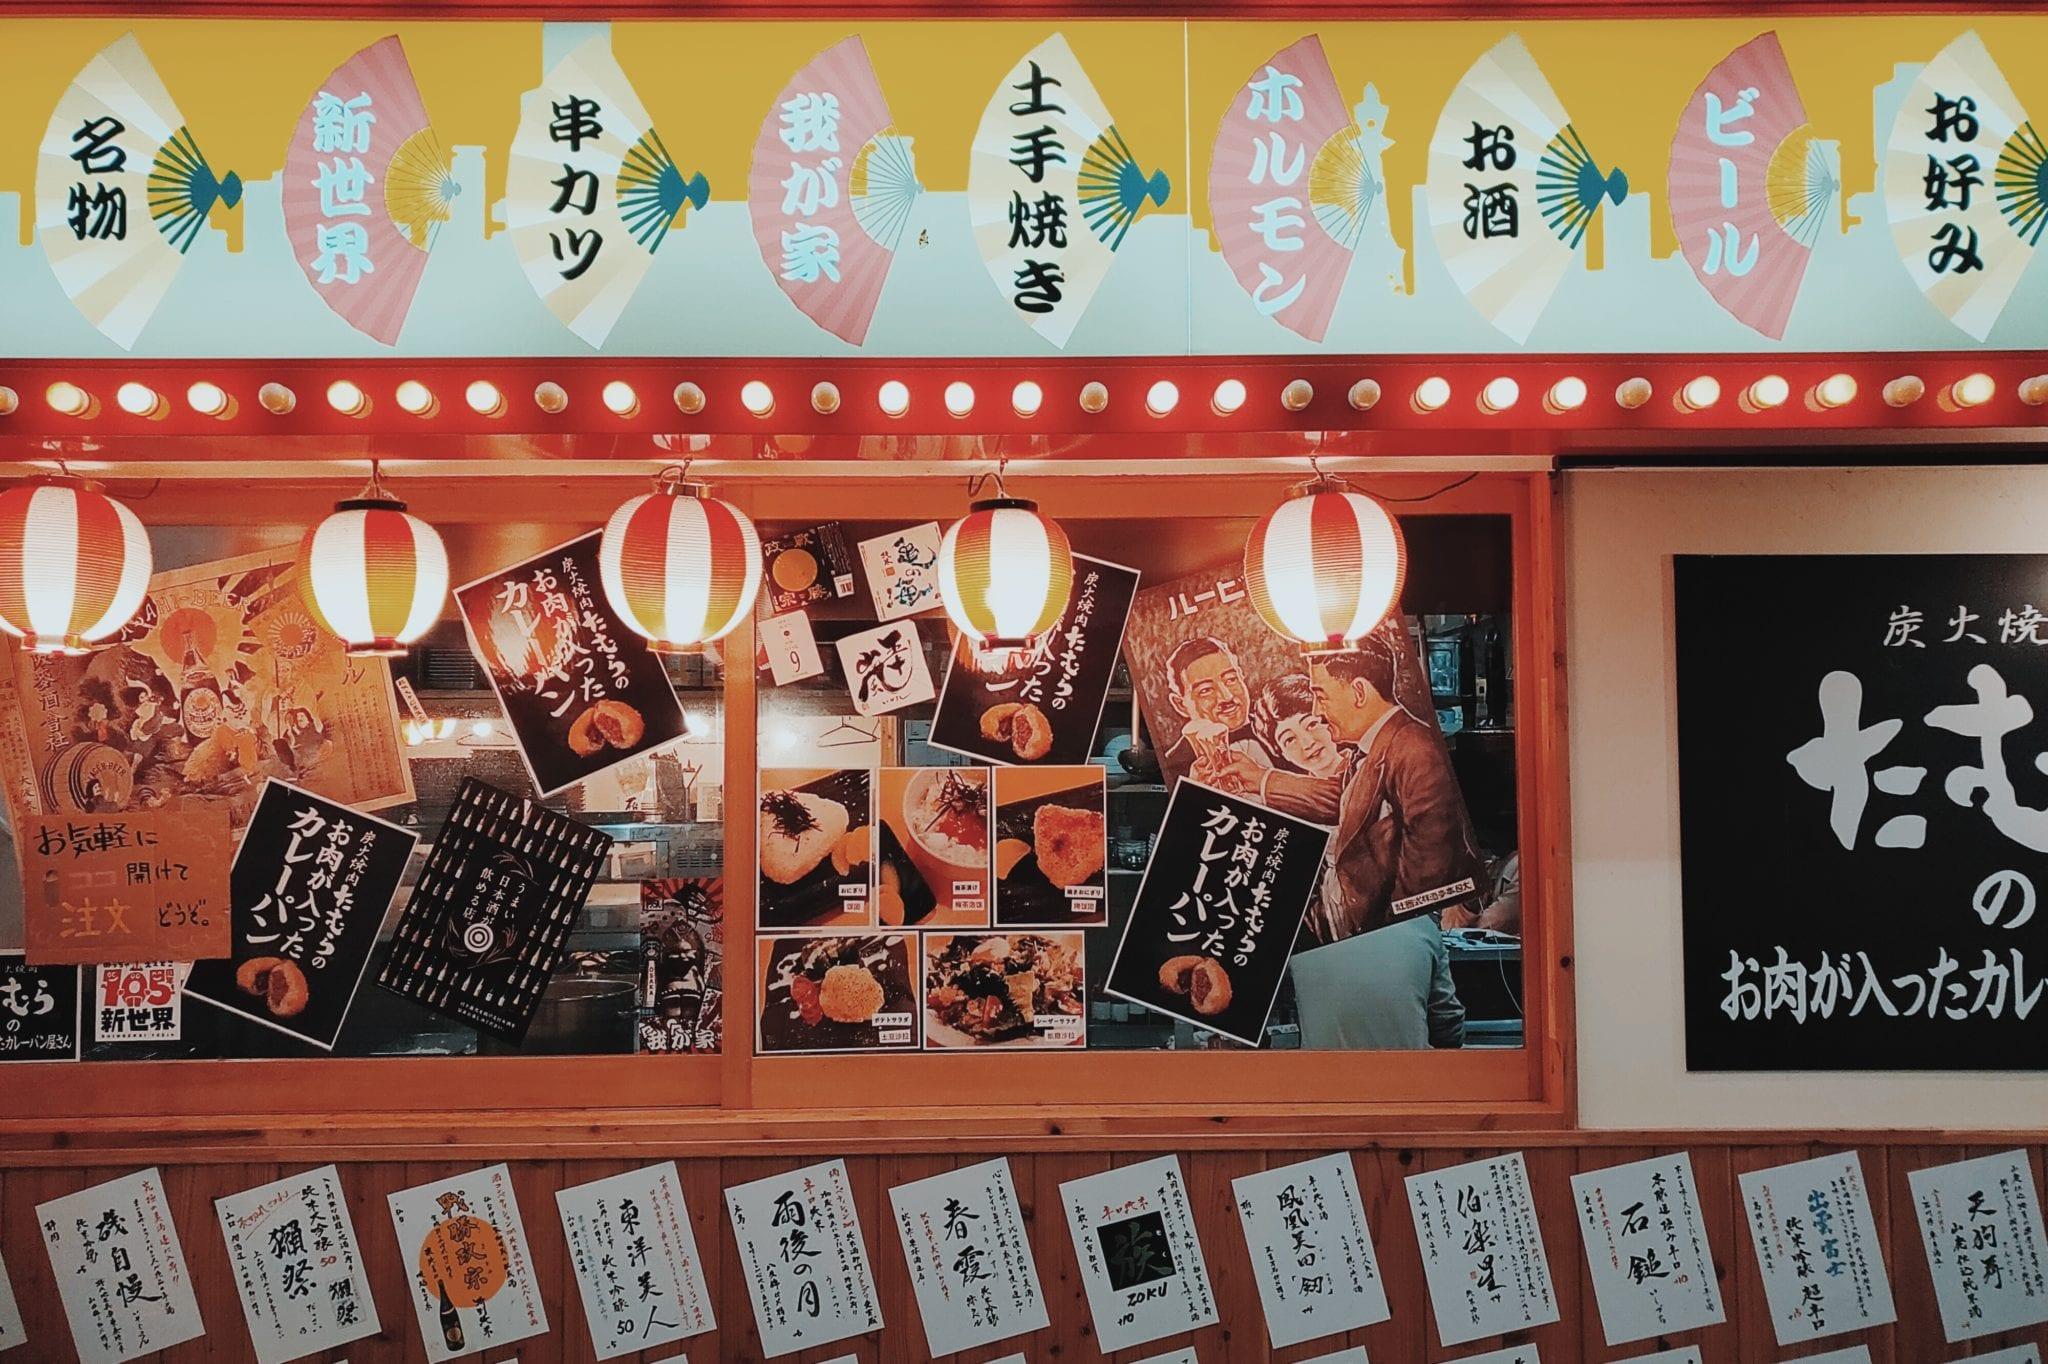 รีวิวโอซาก้า, โอซาก้า เที่ยว, เที่ยวญี่ปุ่น โอซาก้า, โอซาก้า ที่เที่ยว